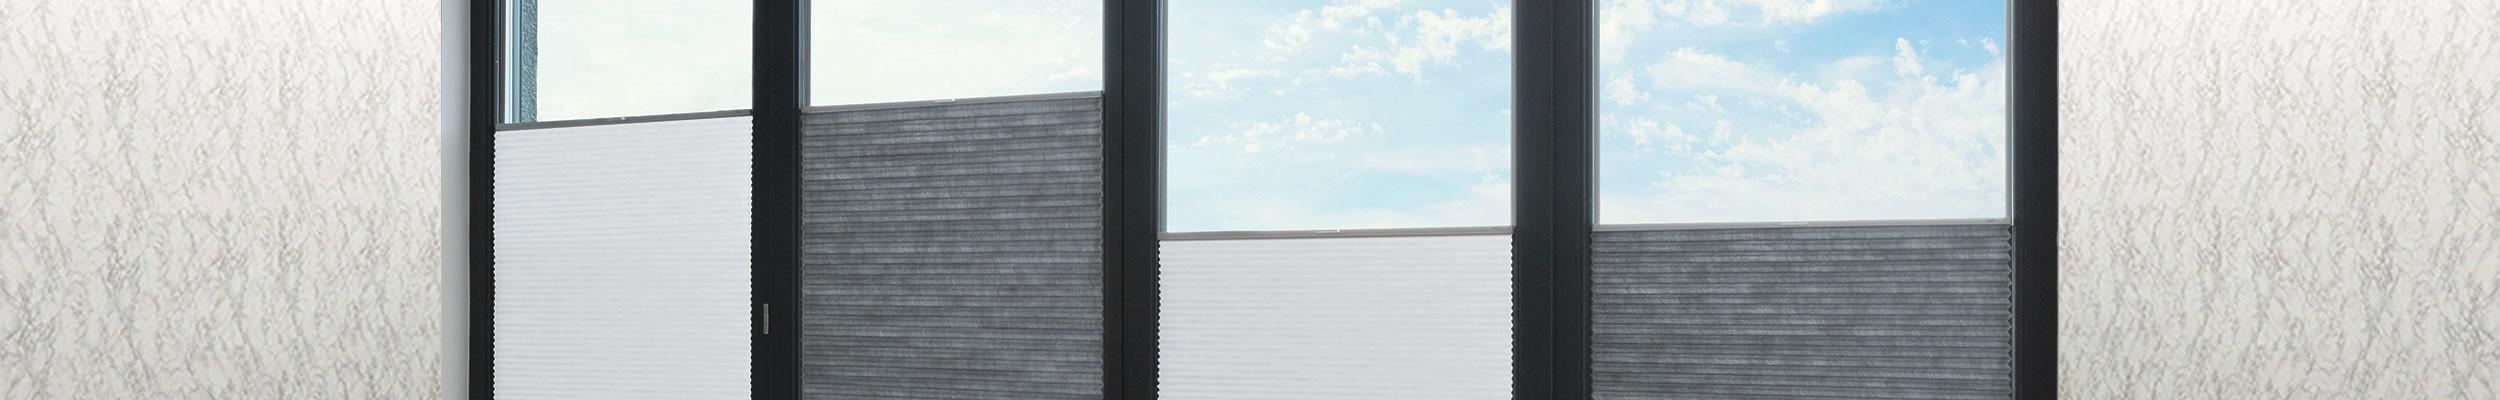 Plissee Rundfenster plissee rundfenster awesome plissee f in darstellung with plissee